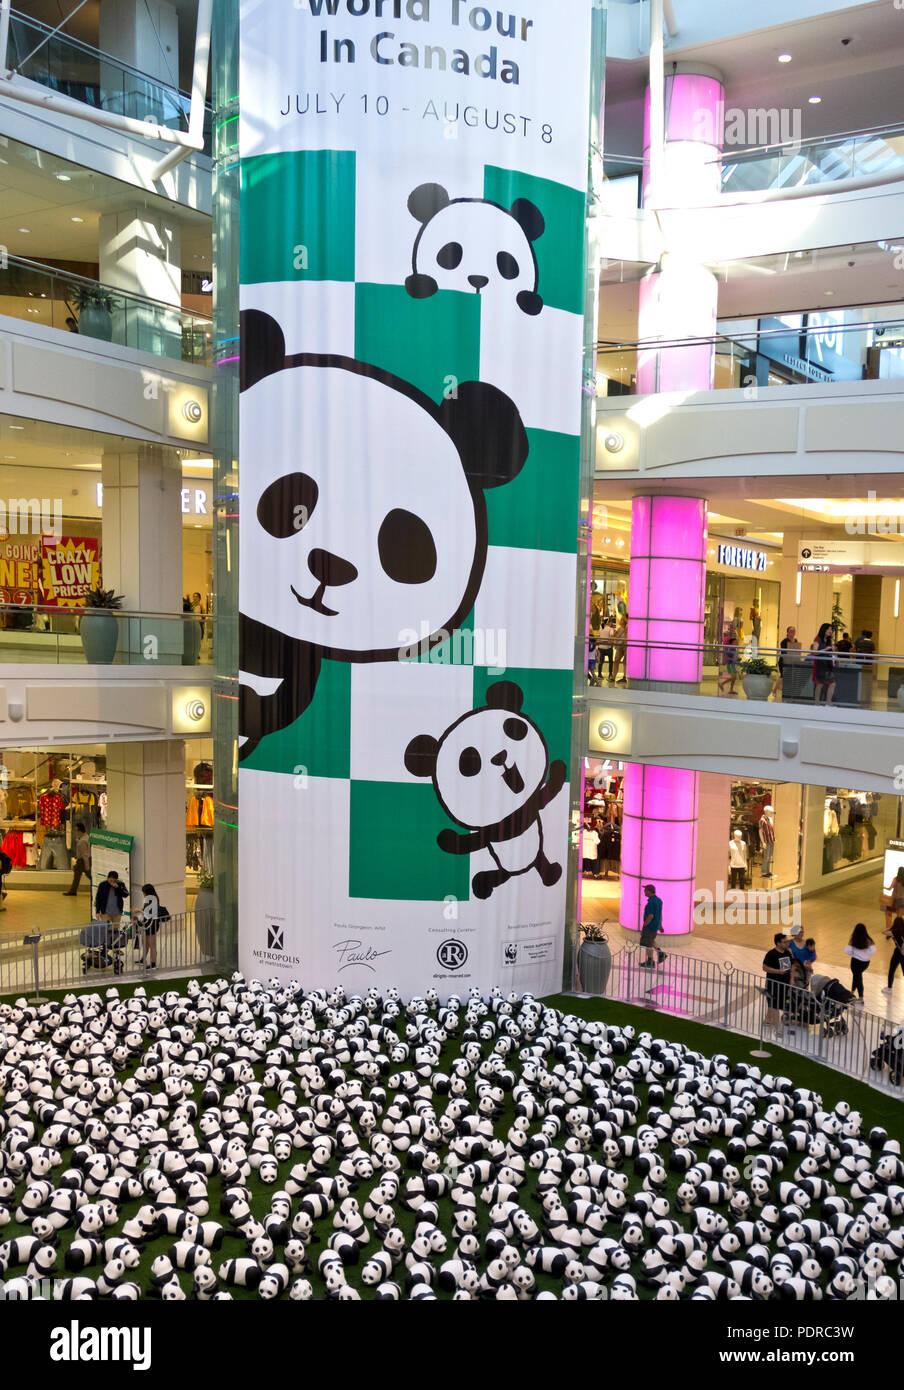 888 Pappmaché Pandas auf Anzeige an der Metrotown Shopping Center als Teil des Pandas World Tour, um Geld für die Welt Wildlife Federation WWF zu erhöhen Stockbild